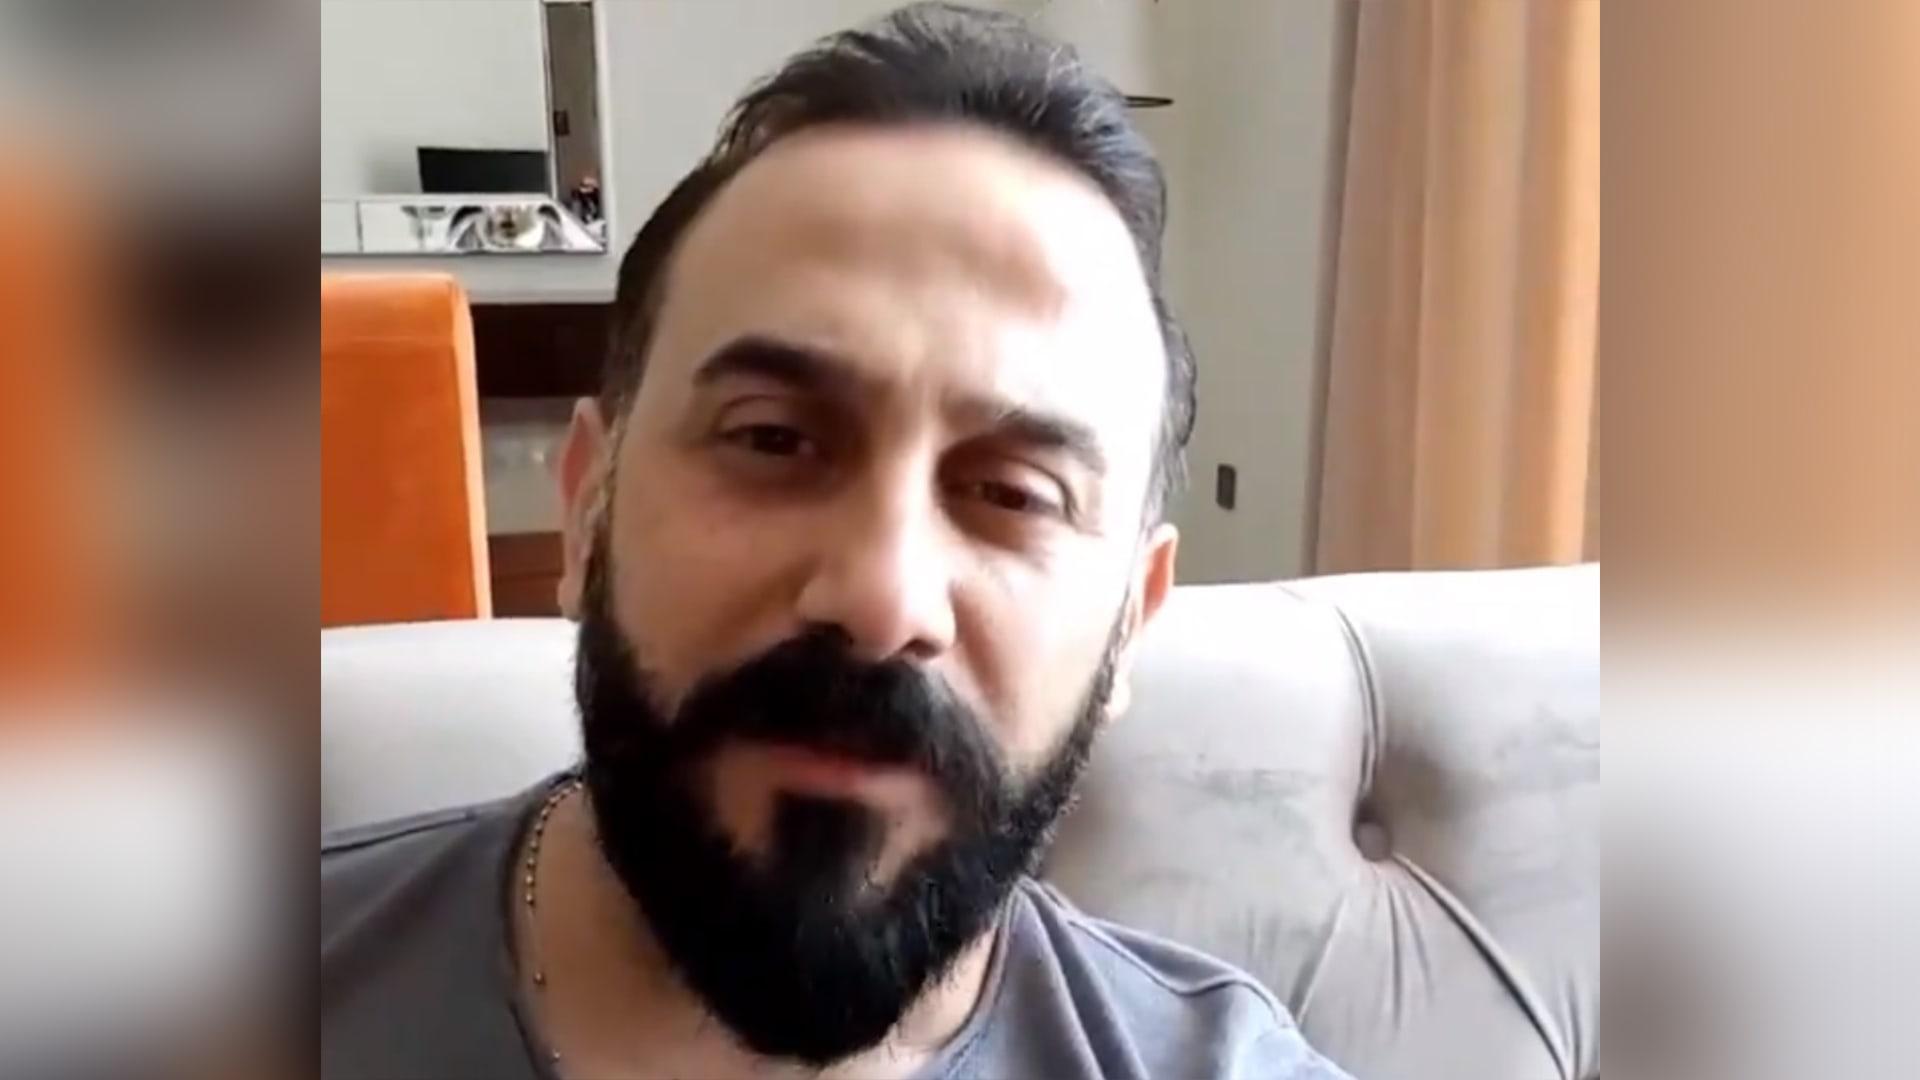 صورة للفنان قصي خولي من فيديو على صفحته على تويتر